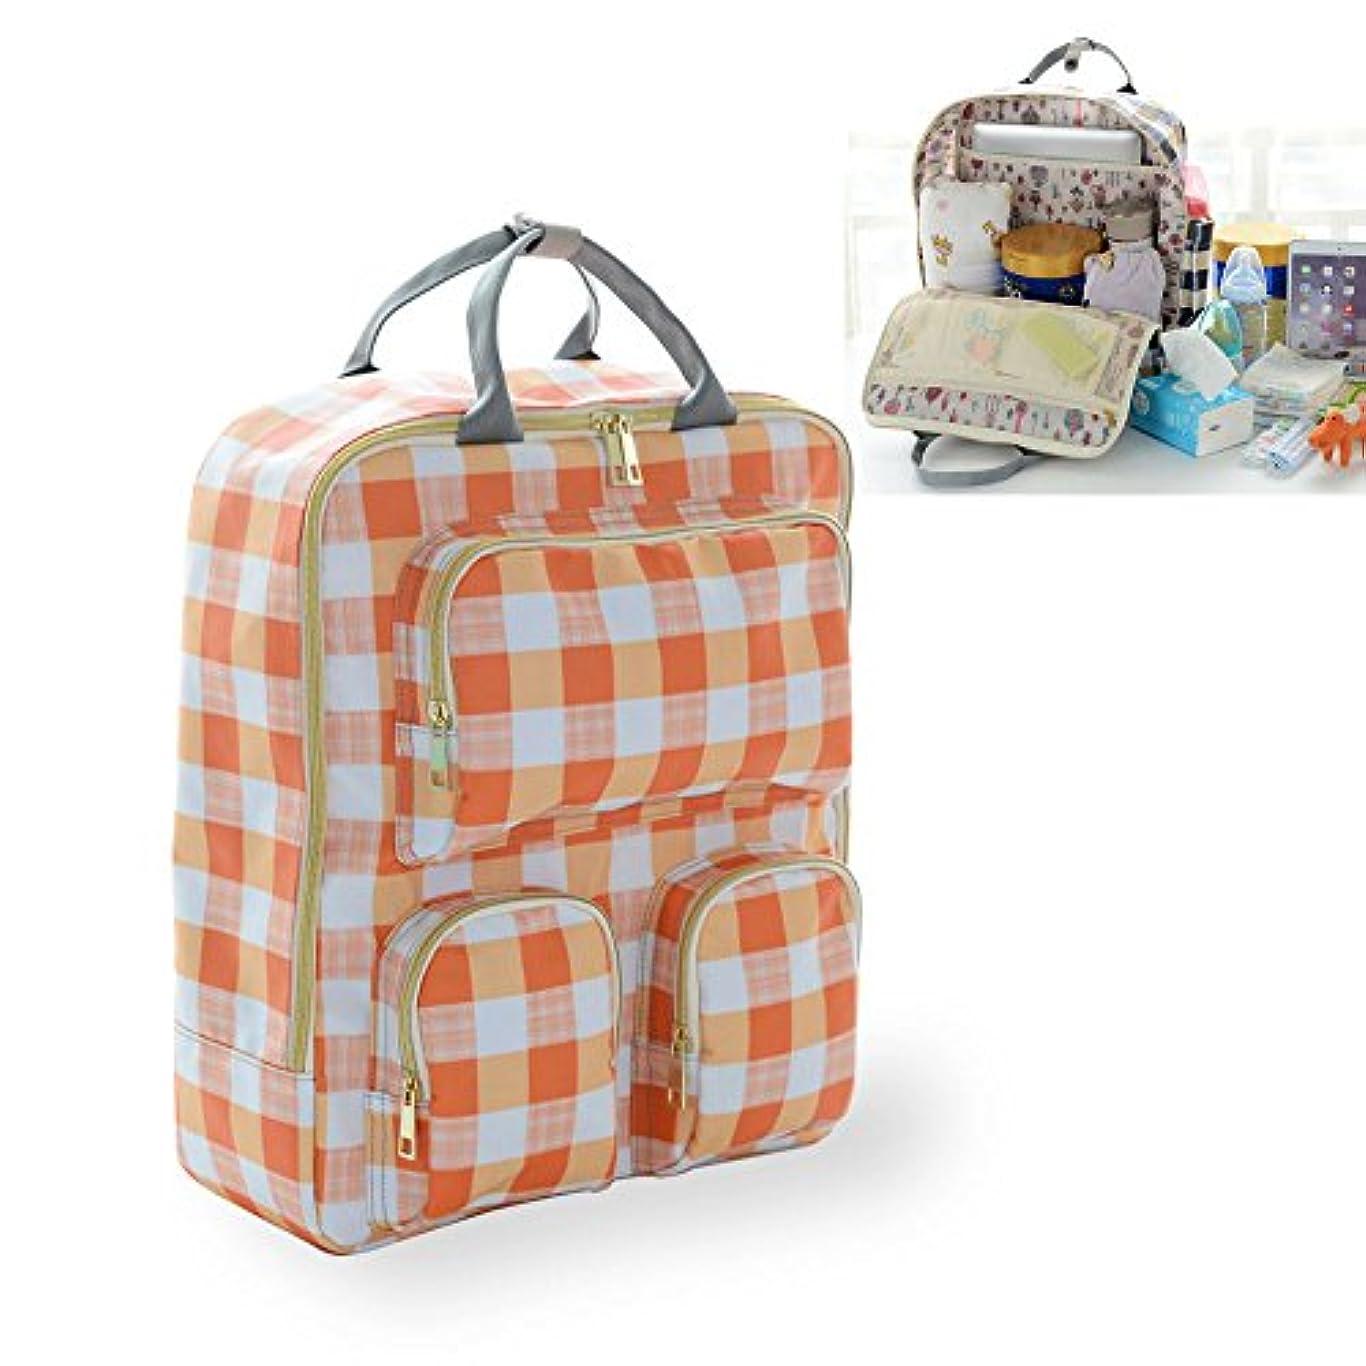 命令的打倒症状ママリュック マザーズバッグ リュック 多機能 ママバッグ 大容量 ベビー用品収納 保温機能ポケット (オレンジ)